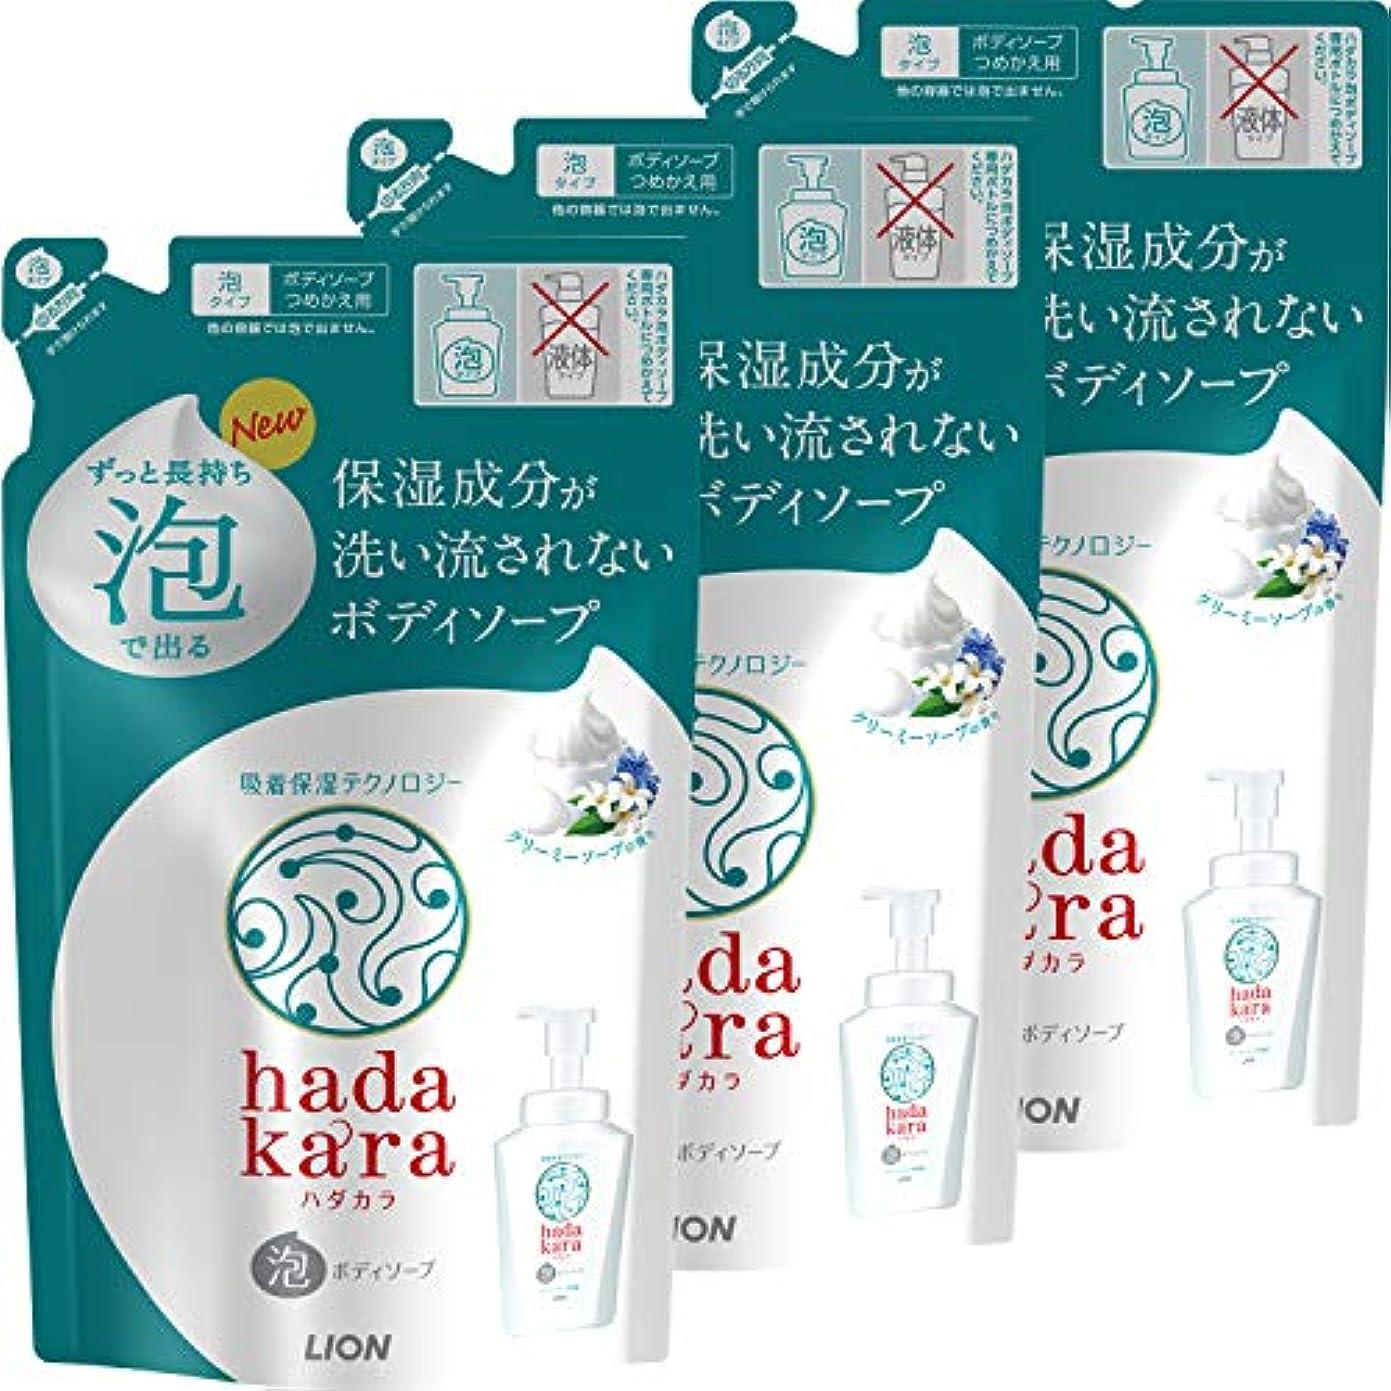 盗難キャビン夕食を食べるhadakara(ハダカラ) ボディソープ 泡タイプ クリーミーソープの香り 詰替440ml×3個